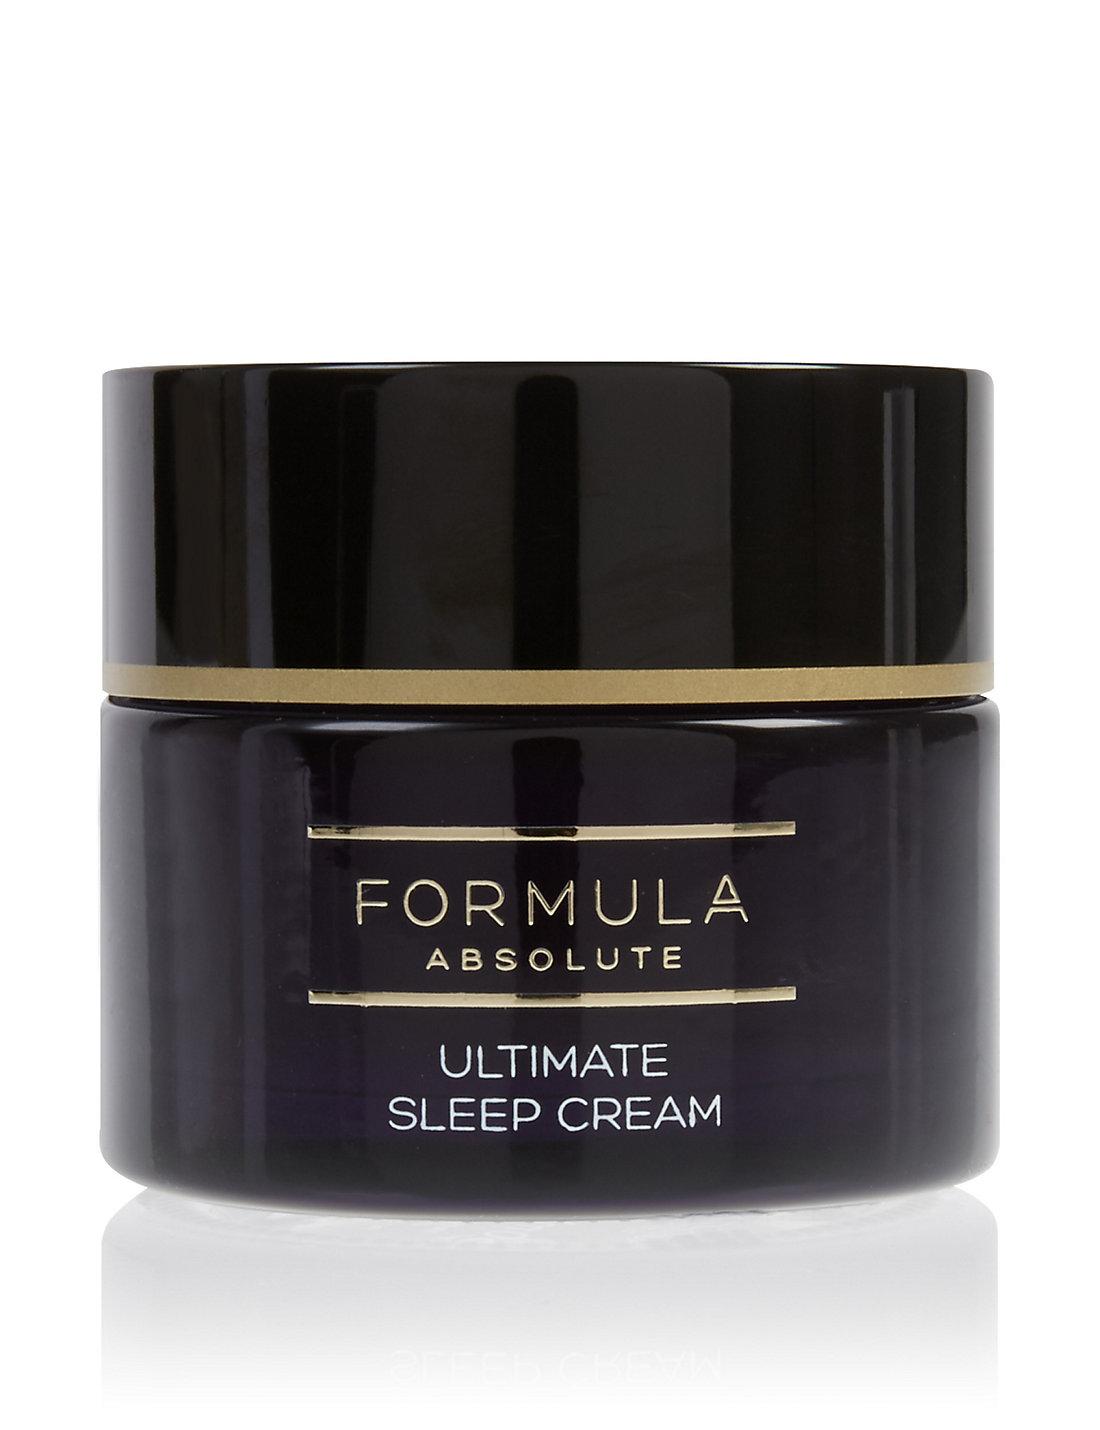 Marks & Spencers Formula Absolute Ultimate Sleep Cream